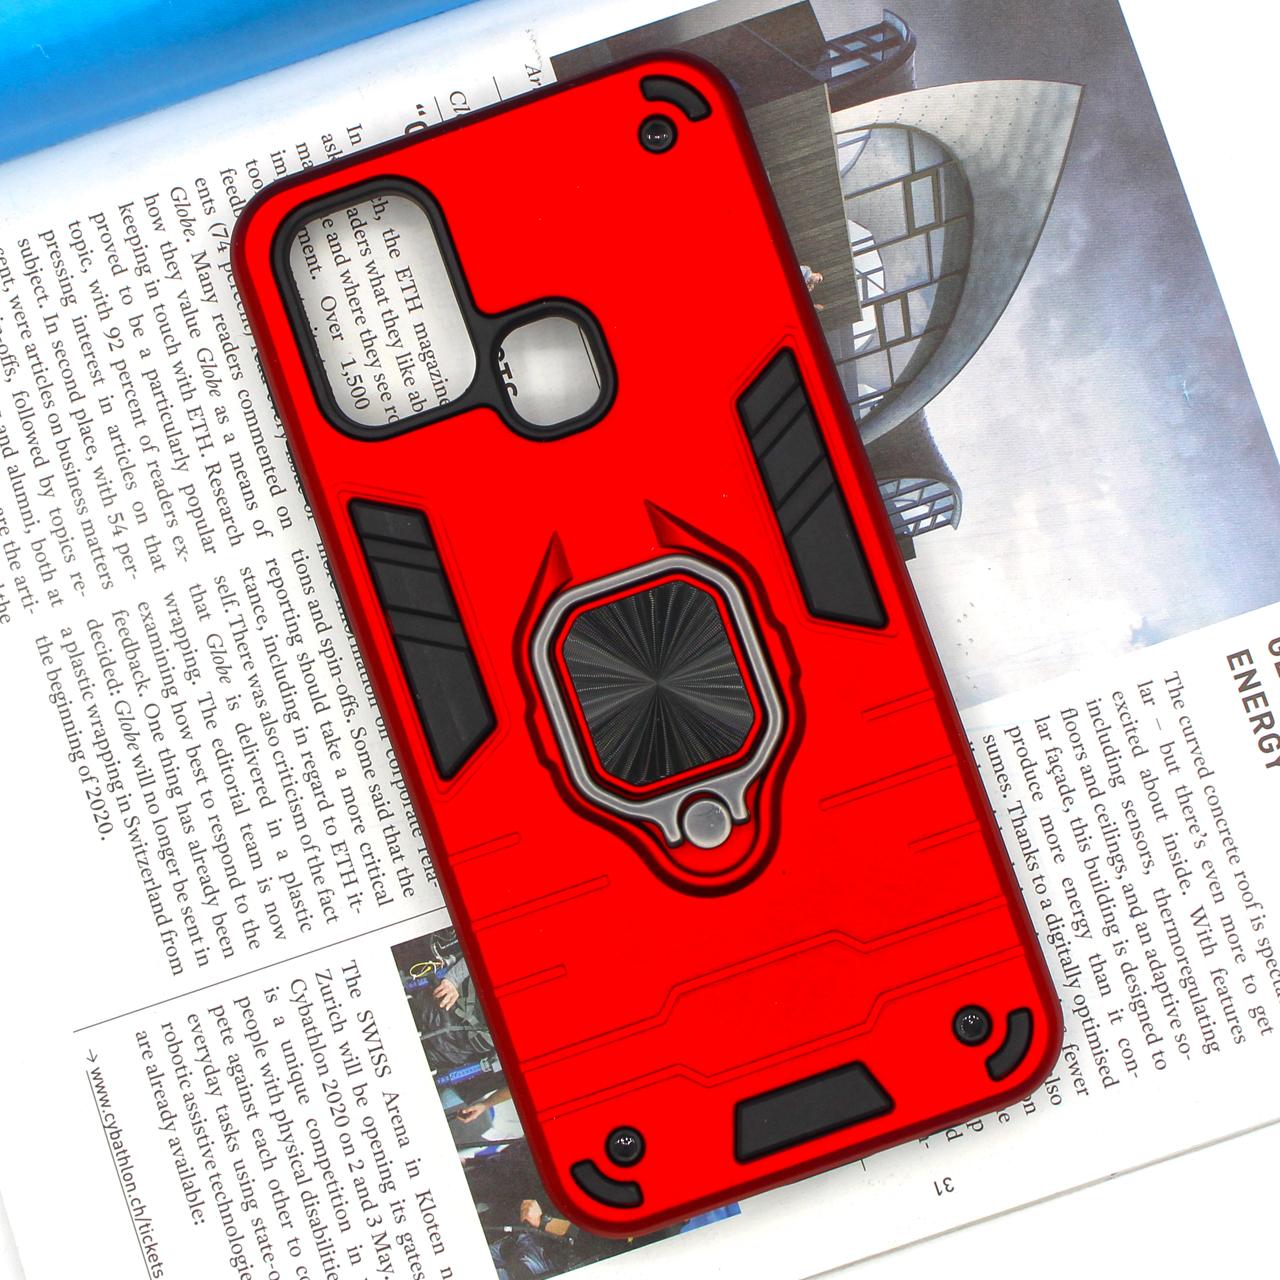 کاور کینگ پاور مدل ASH22 مناسب برای گوشی موبایل سامسونگ Galaxy M31 main 1 5